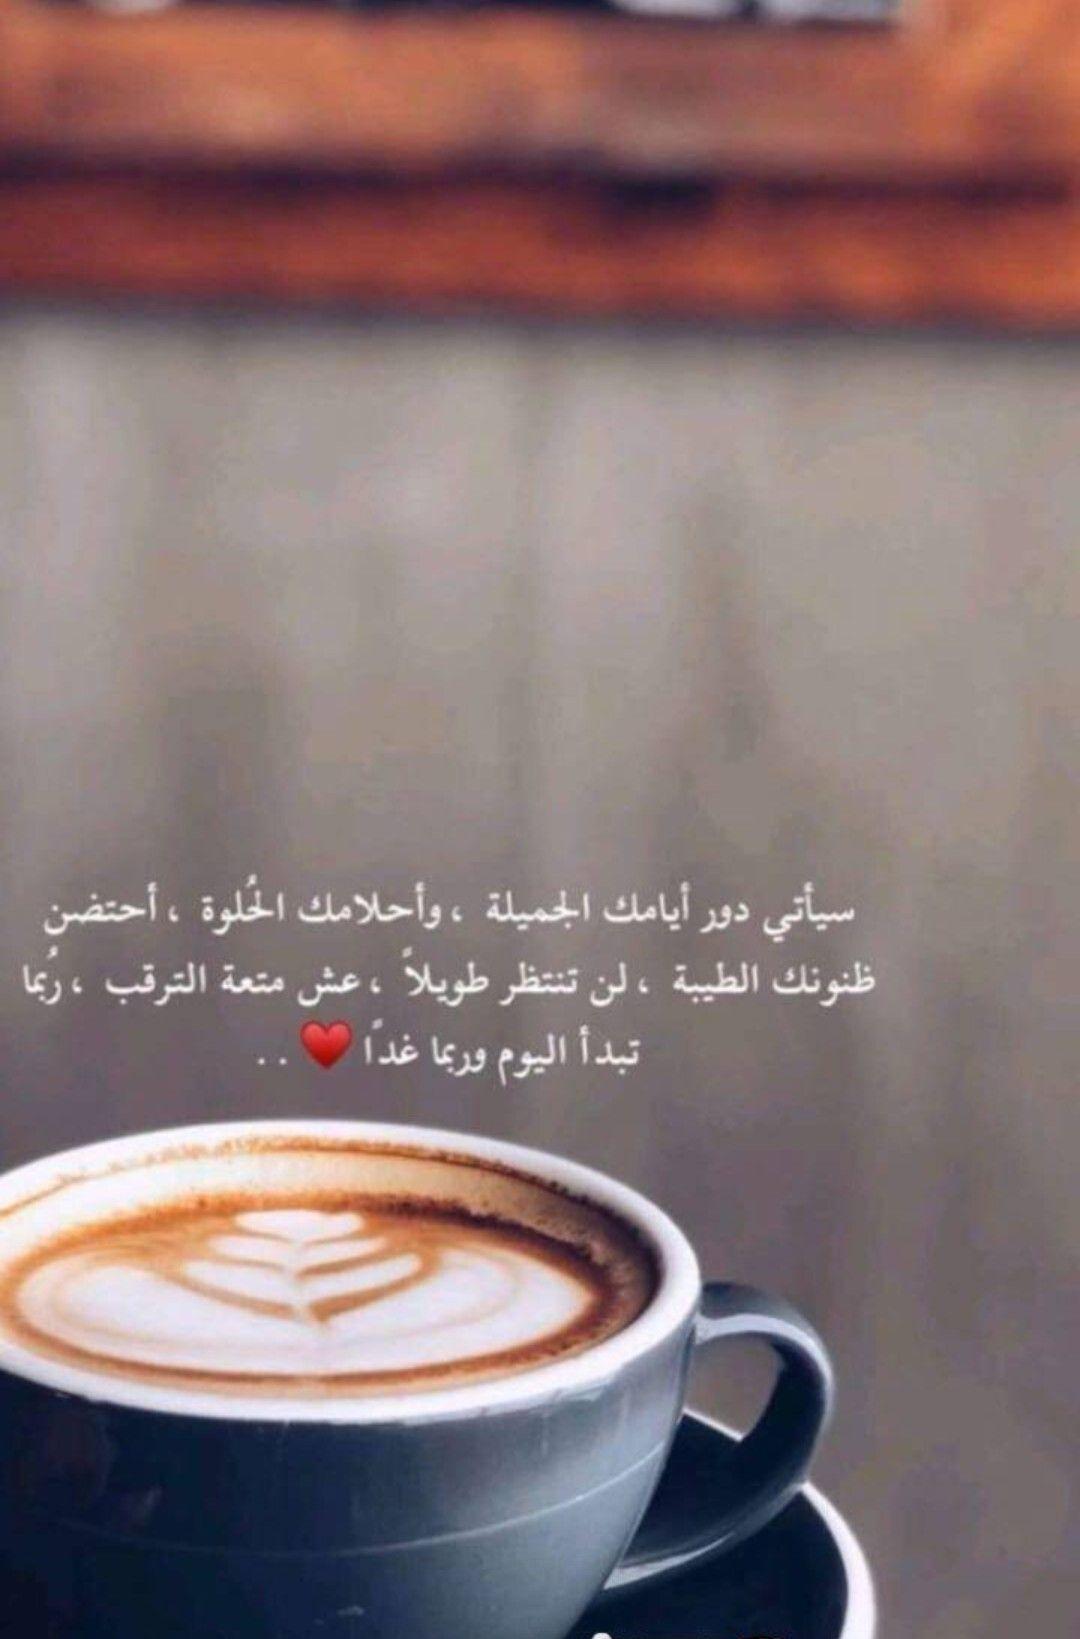 Pin By Aalaa Elshrif On سنابات Arabic Quotes Coffee Quotes Coffee Quotes Tumblr